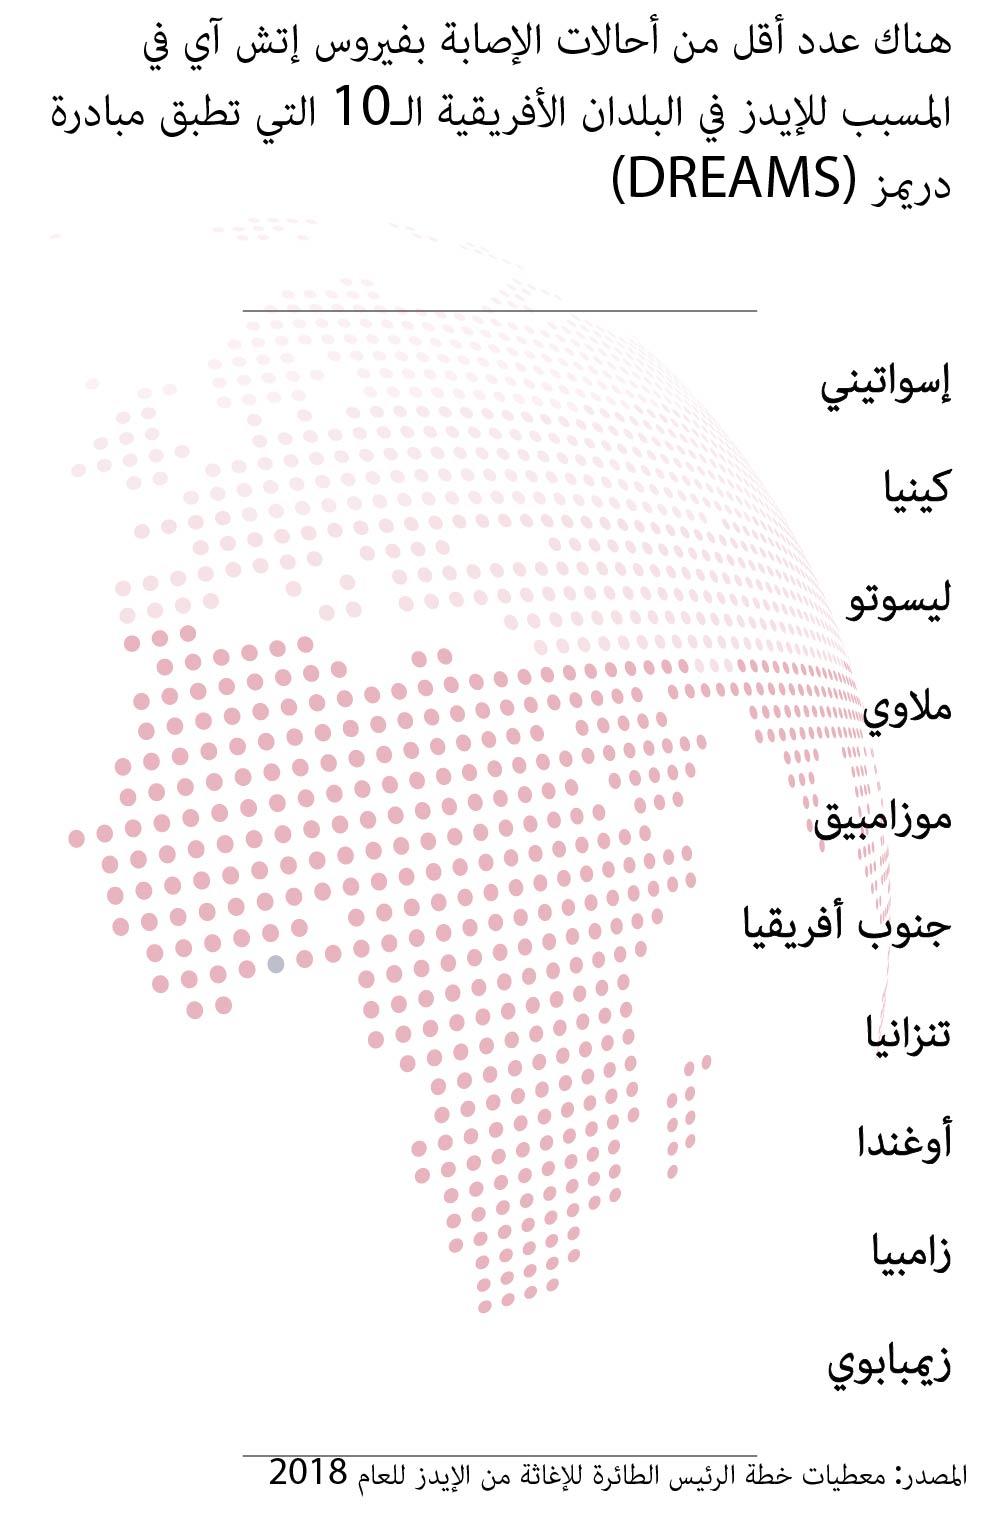 رسم بياني يظهر انخفاض معدلات تشخيص الإصابة بفيروس اتش آي ڤي بنسبة 85 بالمئة في 10 دول تعمل فيها مبادرة دريمز. (PEPFAR, 2018)